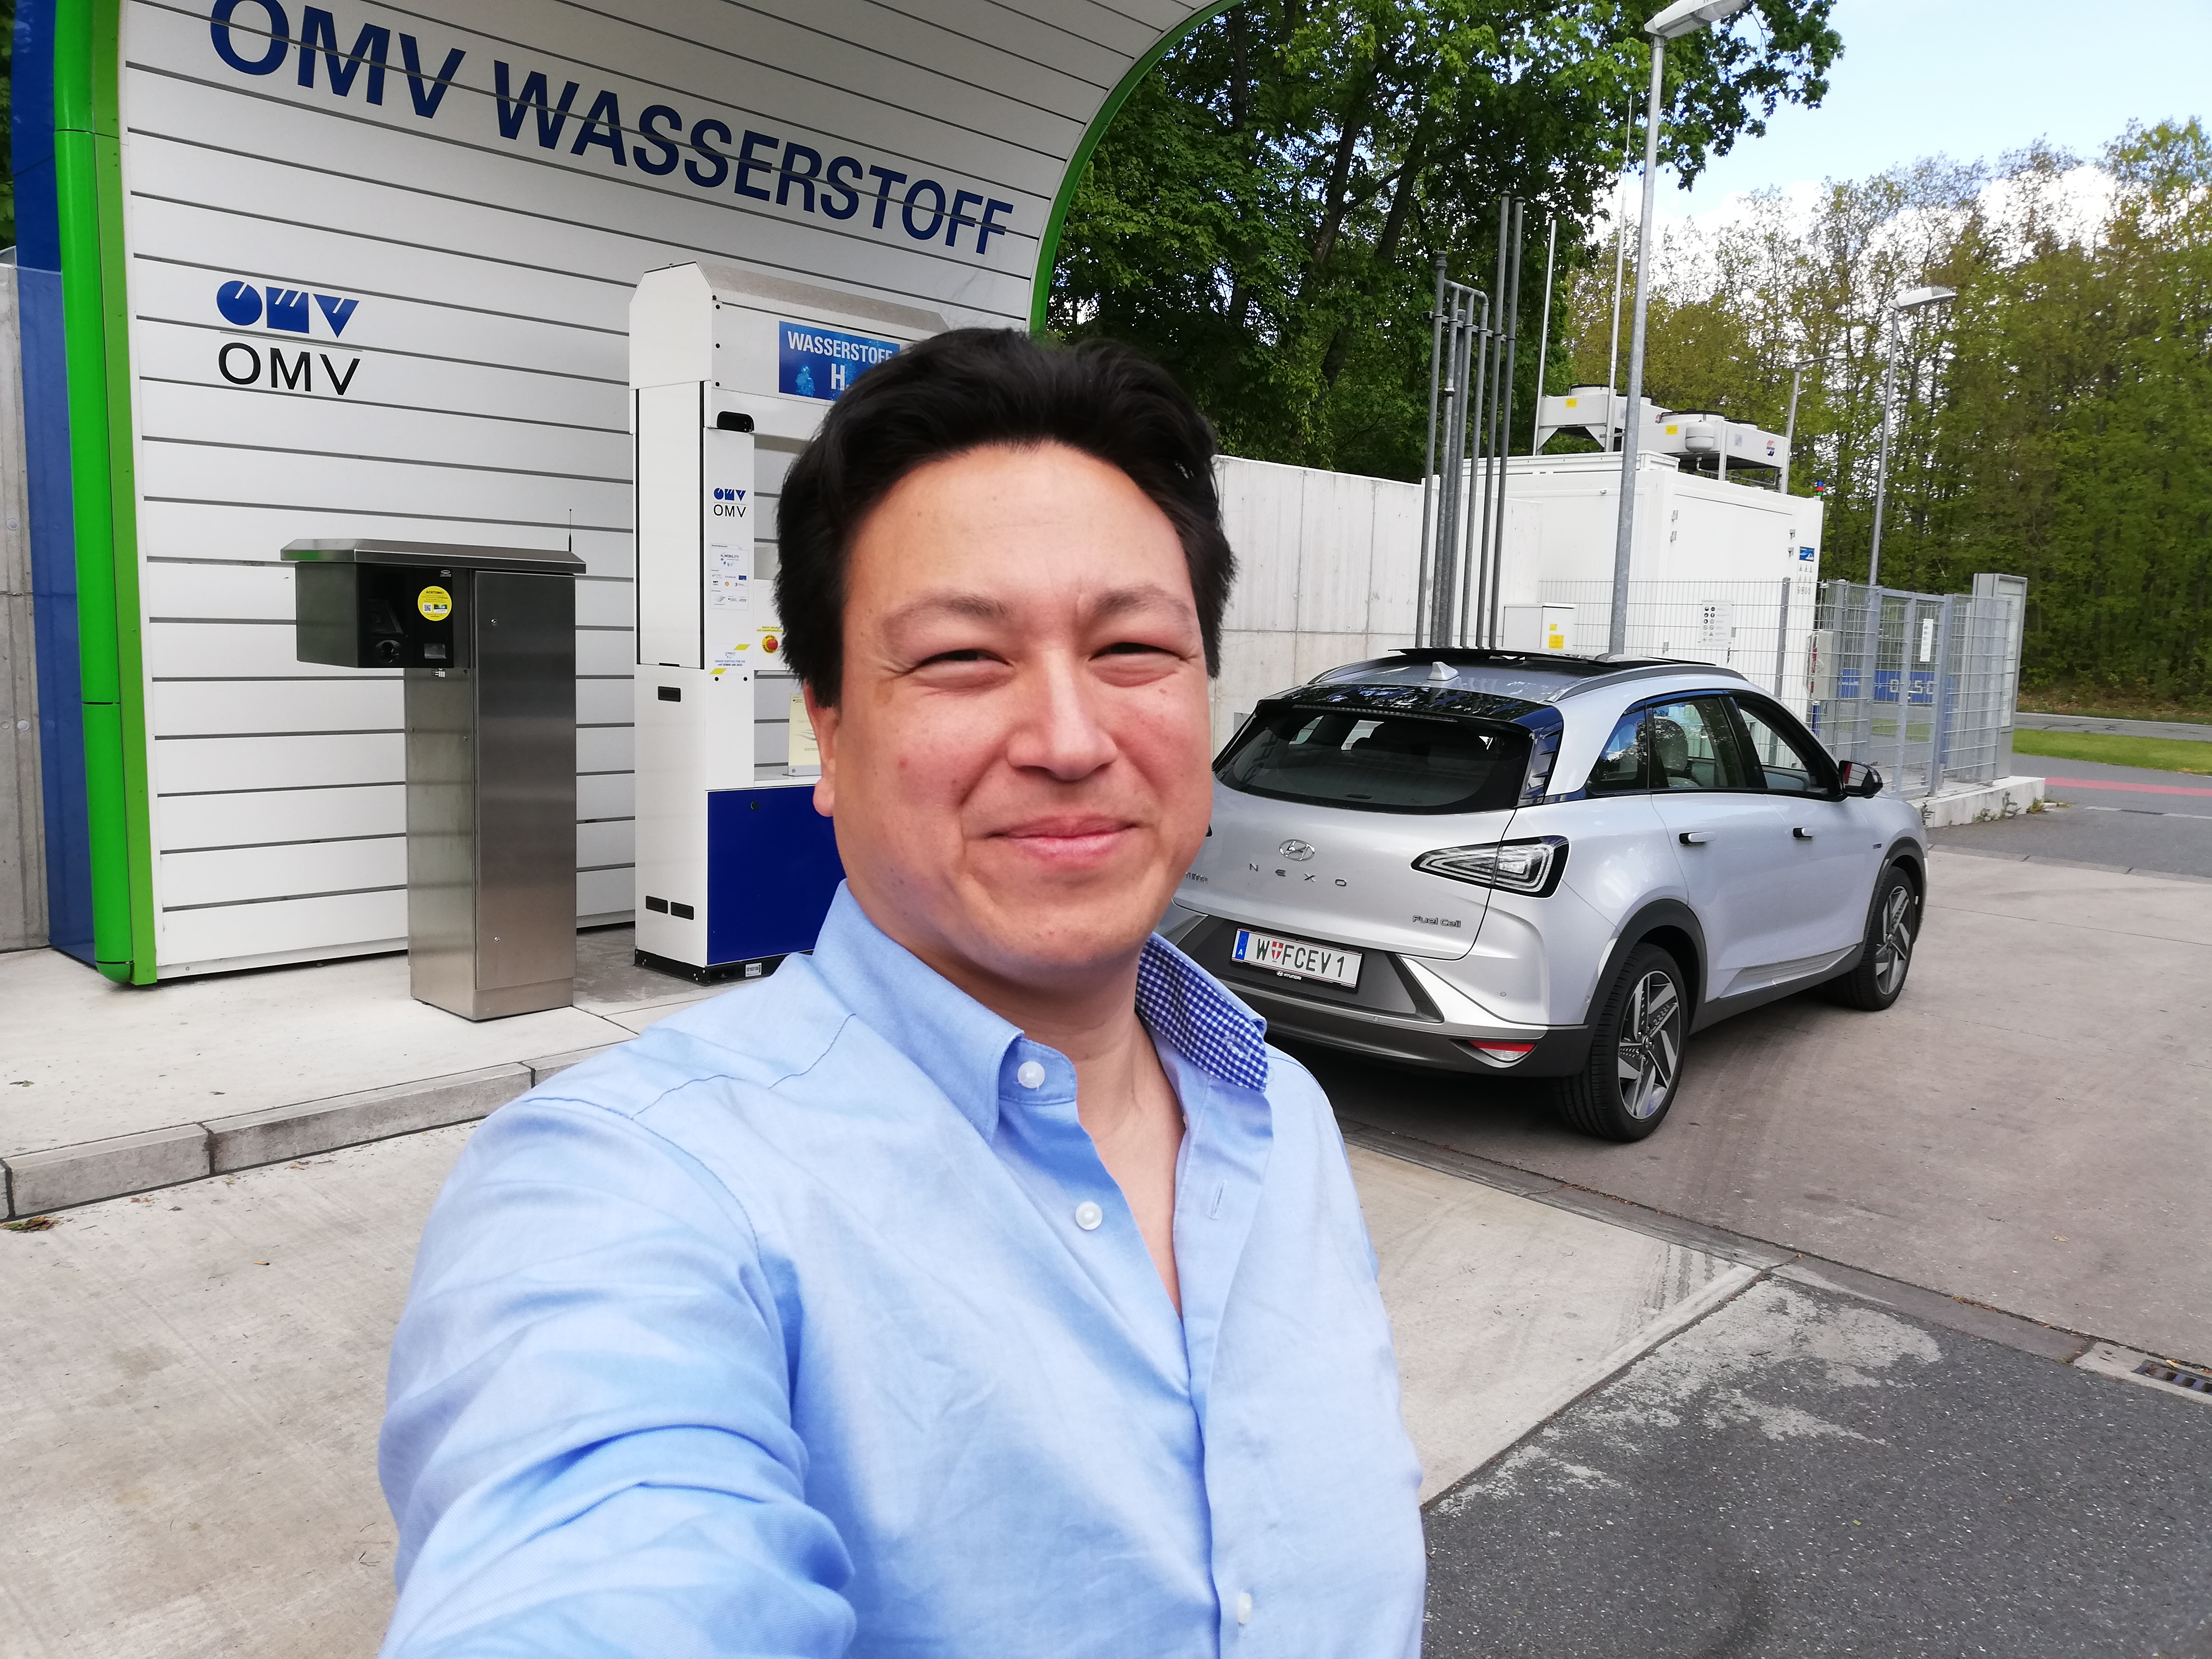 hyundai-nexo-range-test-hydrochan-Vienna-Offenbach-Innsbruck wasserstoff tankstelle nürnberg omv mortimer